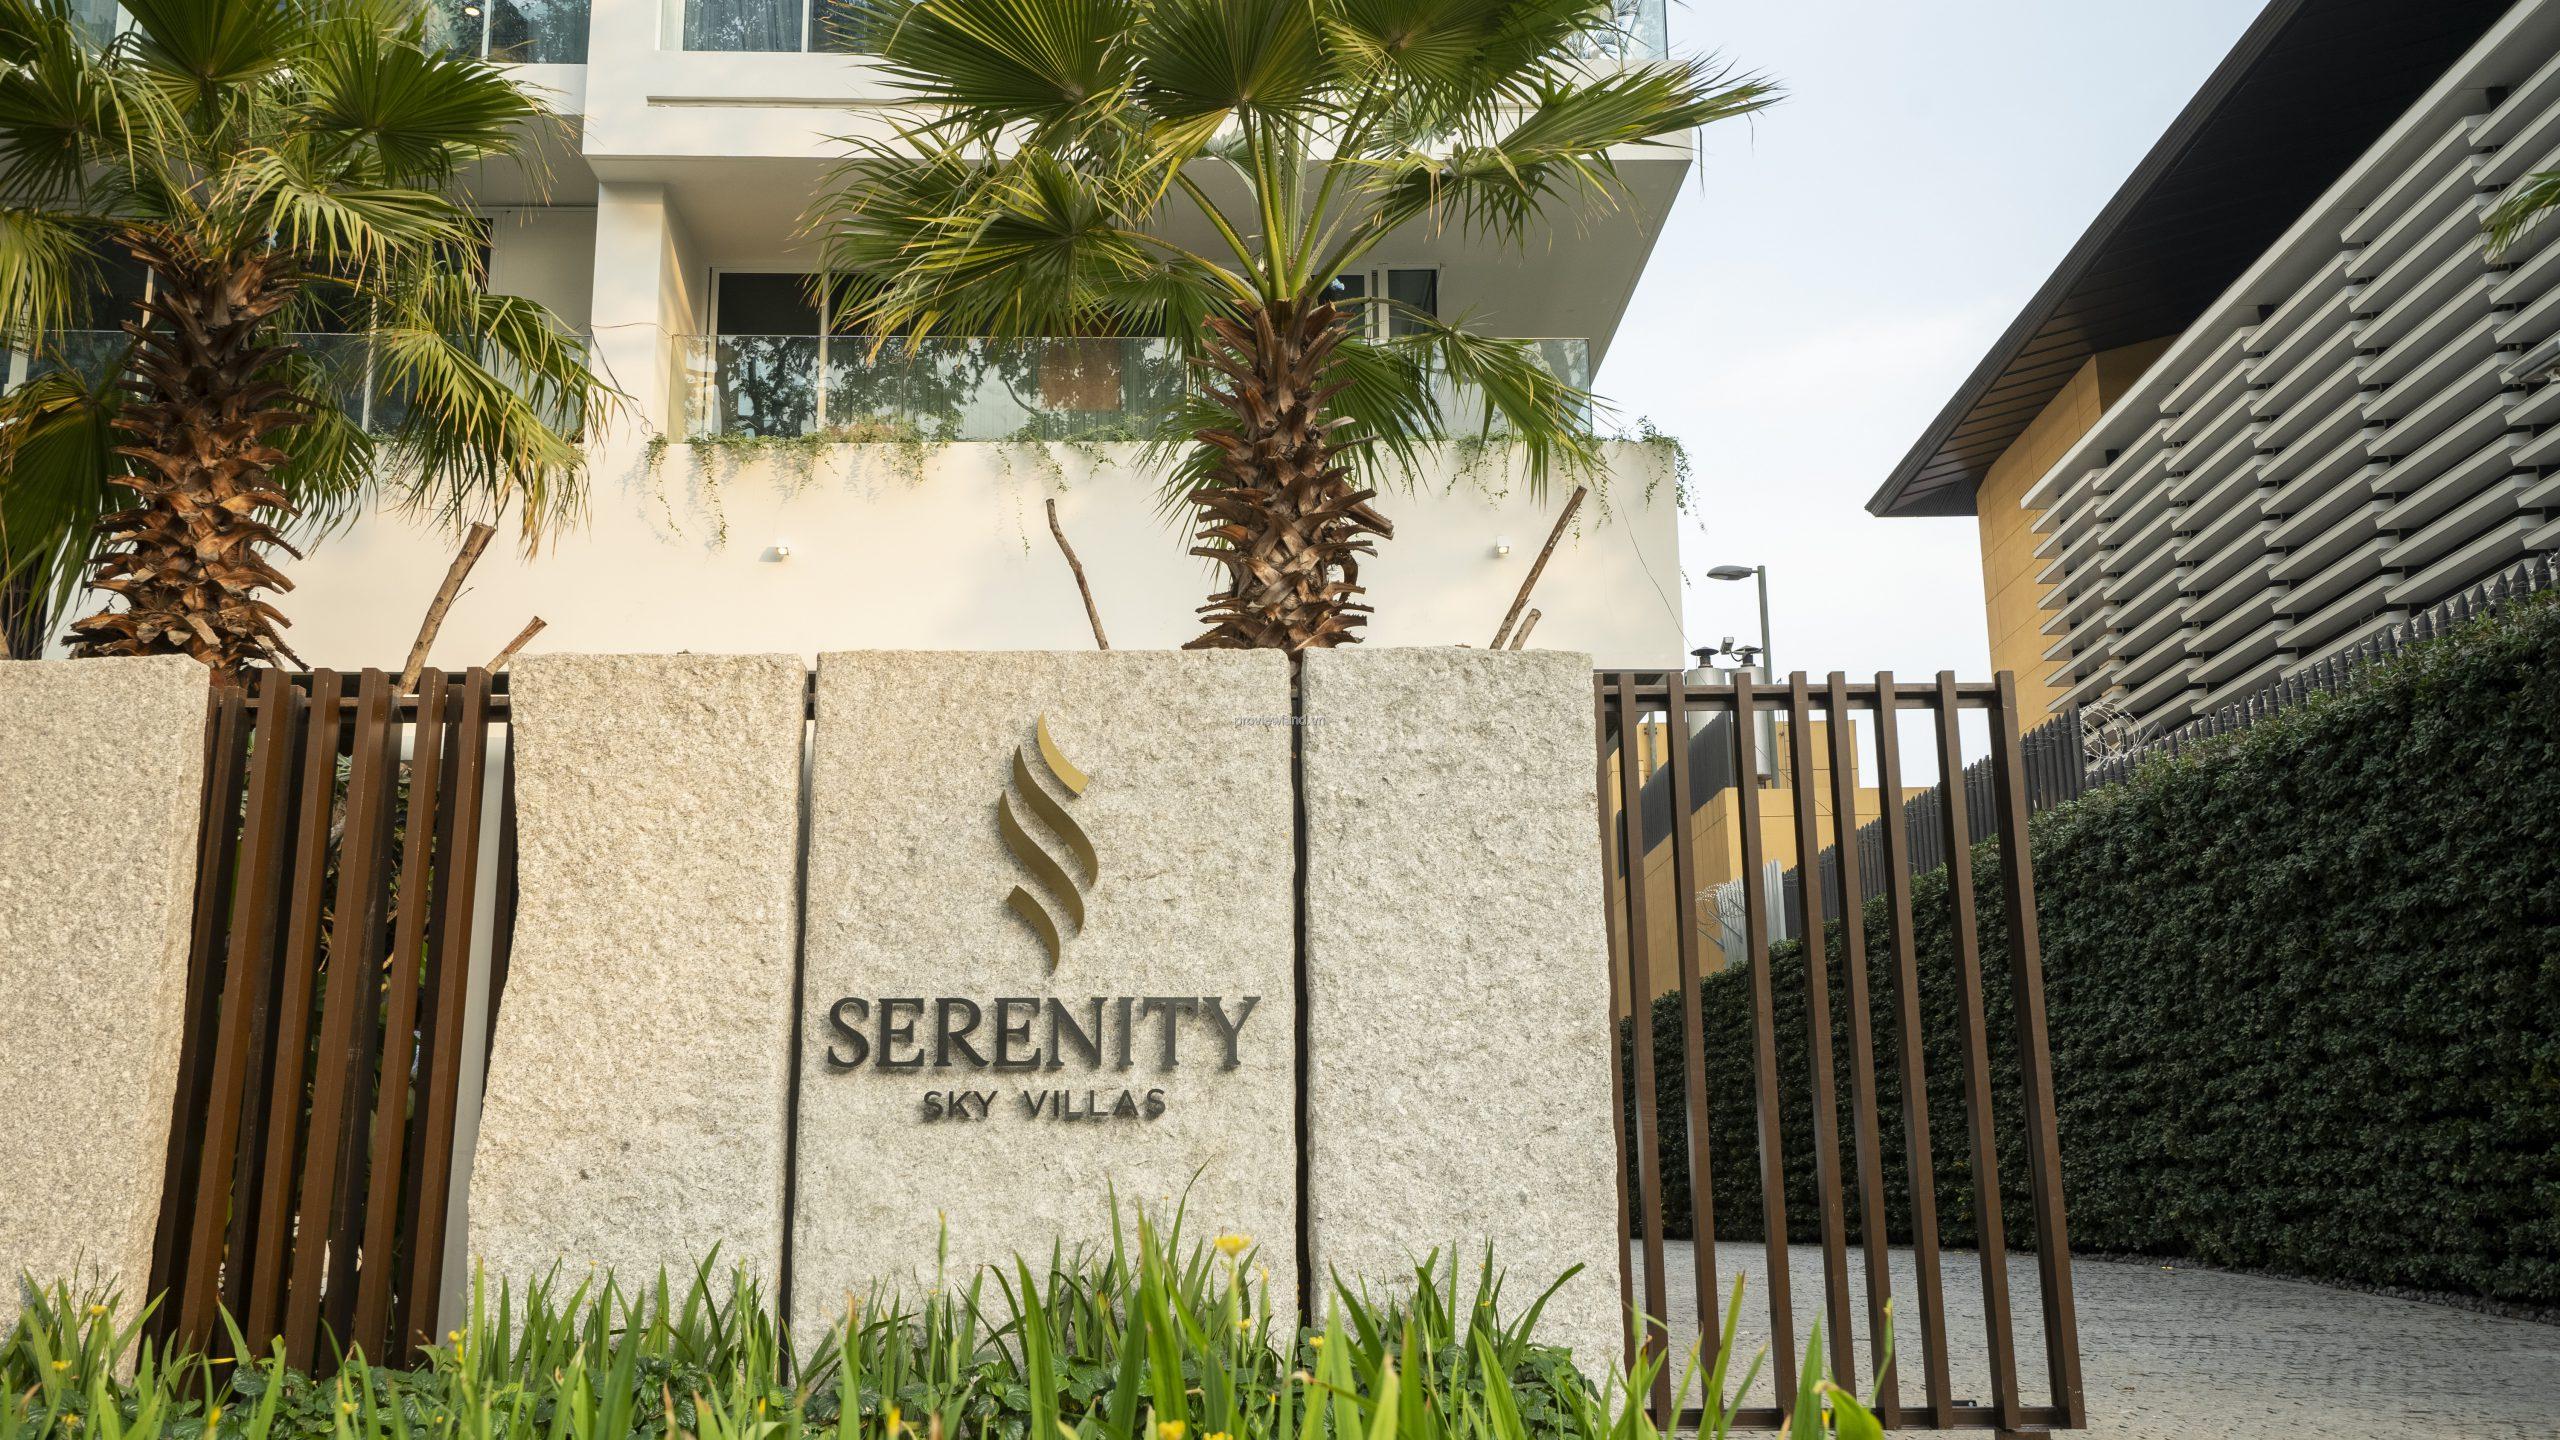 ban-can-ho-serenity-sky-villas-quan-3-3270